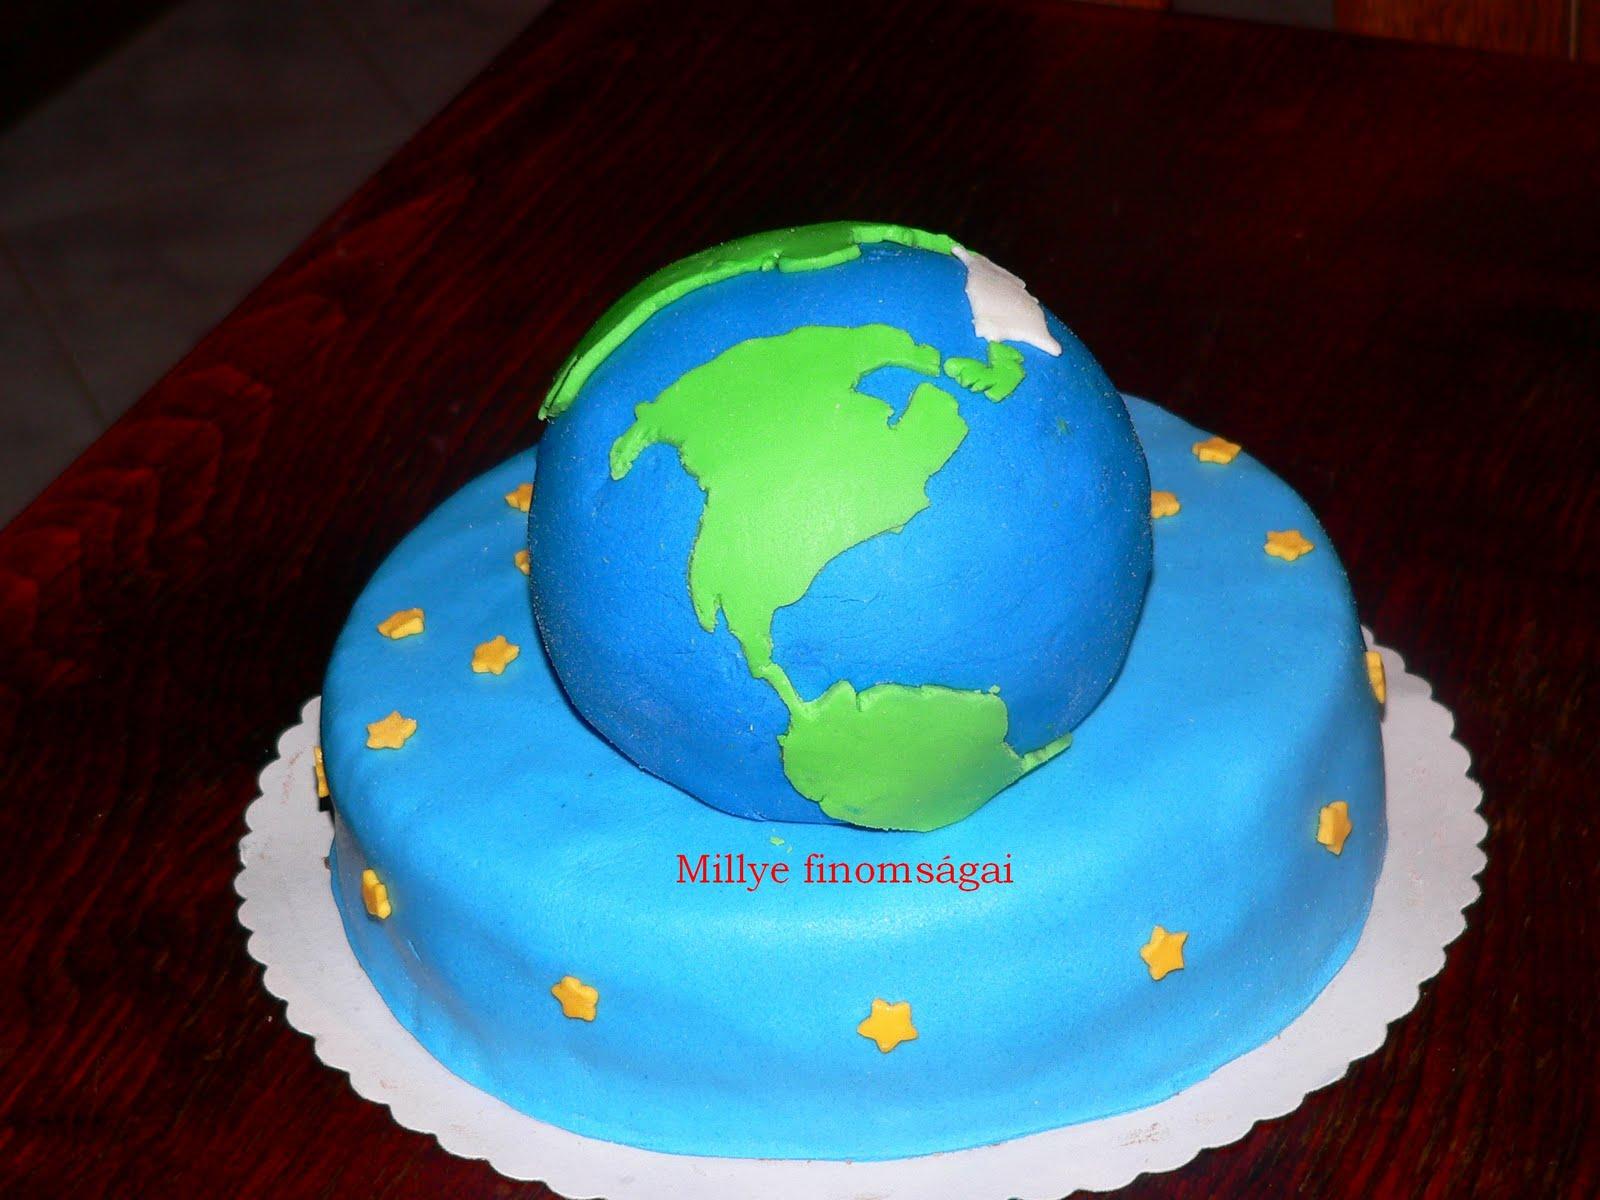 http://1.bp.blogspot.com/_wc2AC4hh1yc/TFyS80vngrI/AAAAAAAACPc/lzONF8a-9Fg/s1600/P1210088.JPG